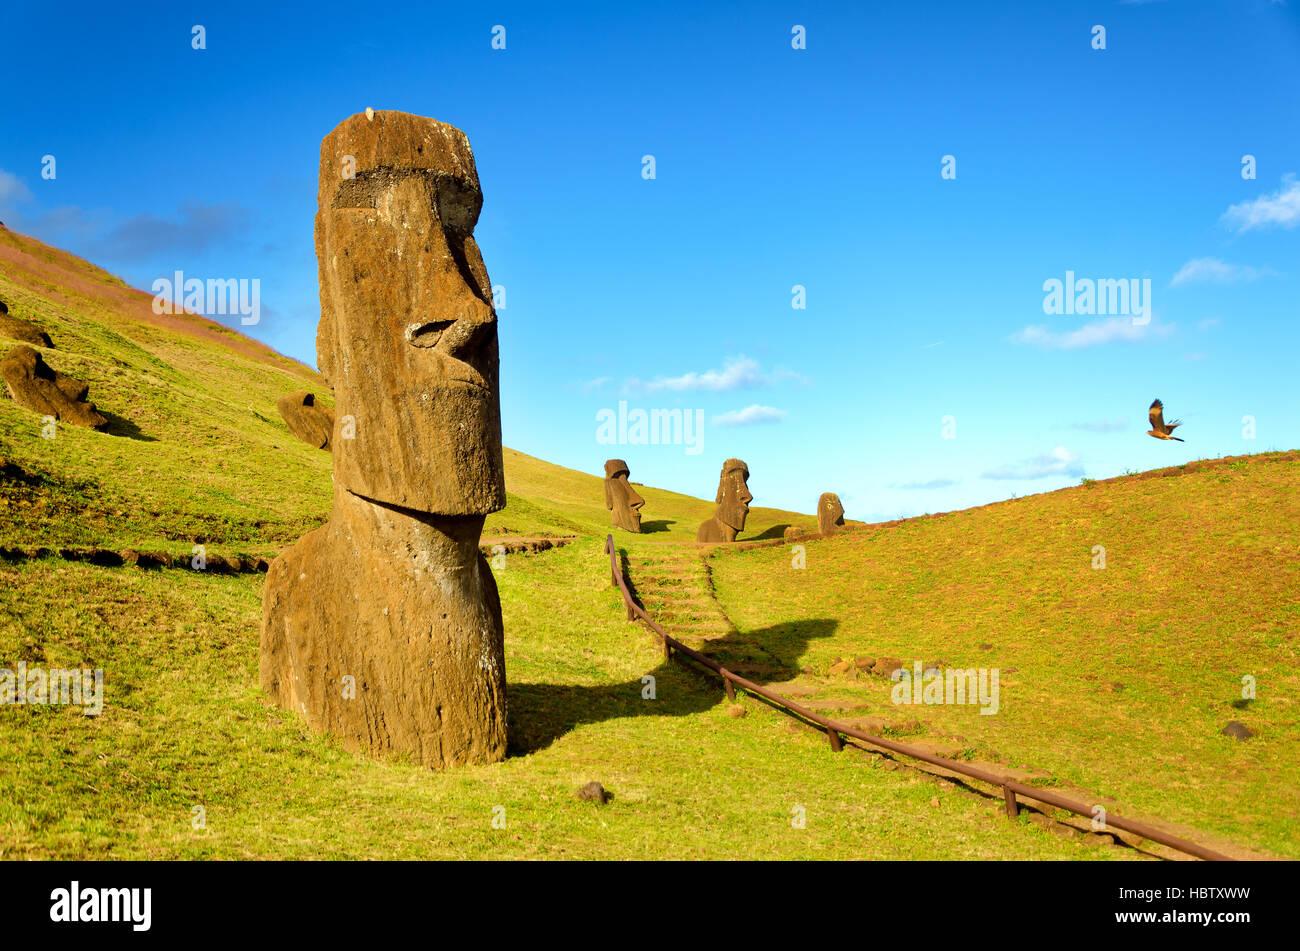 Los moai de las colinas de la Isla de Pascua, Chile se unen en su soledad por un halcón volador Imagen De Stock